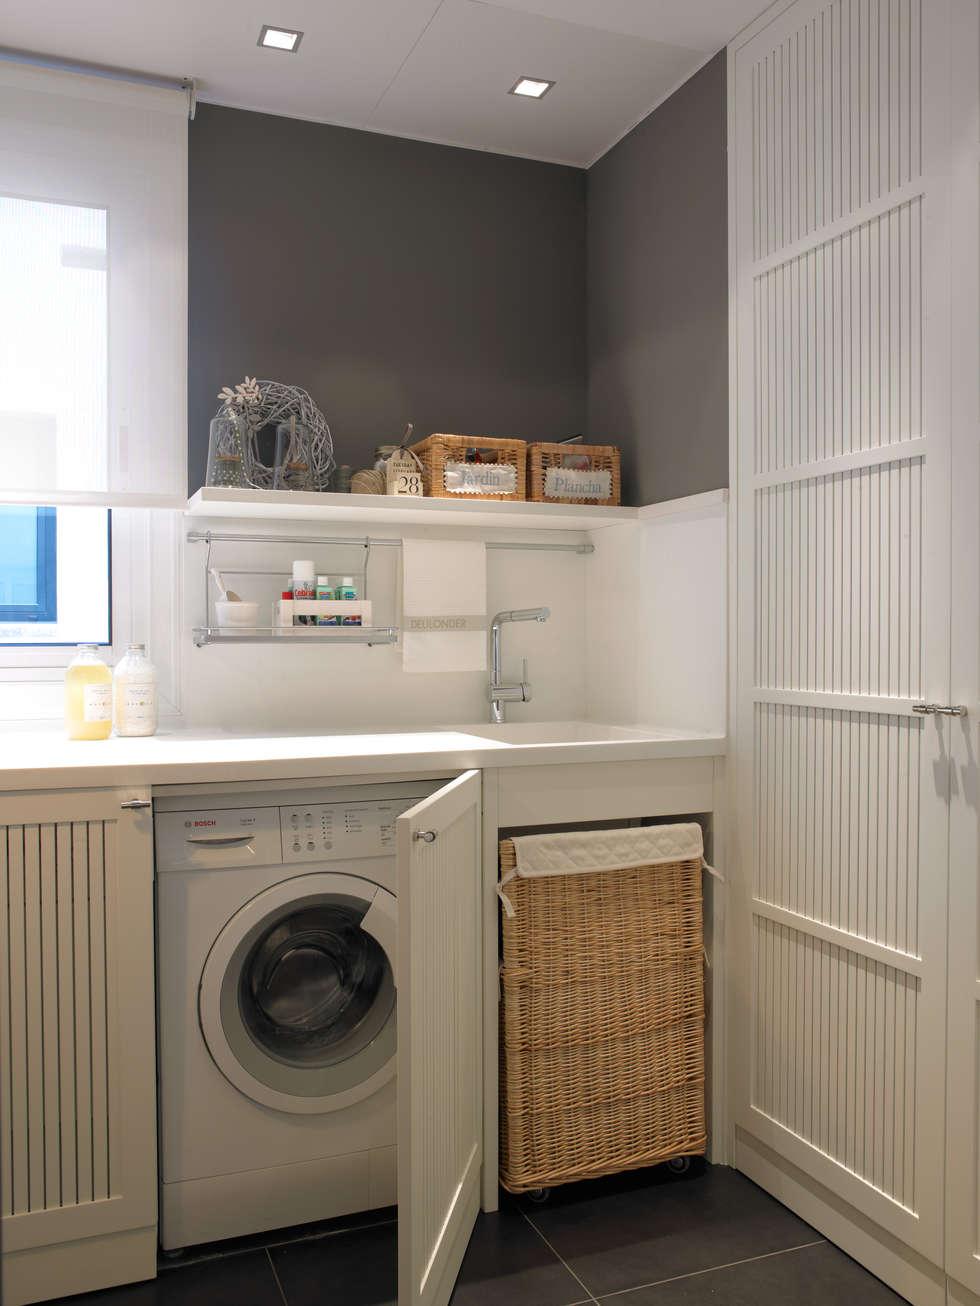 Fotos de decoraci n y dise o de interiores homify - Cocinas integradas ...